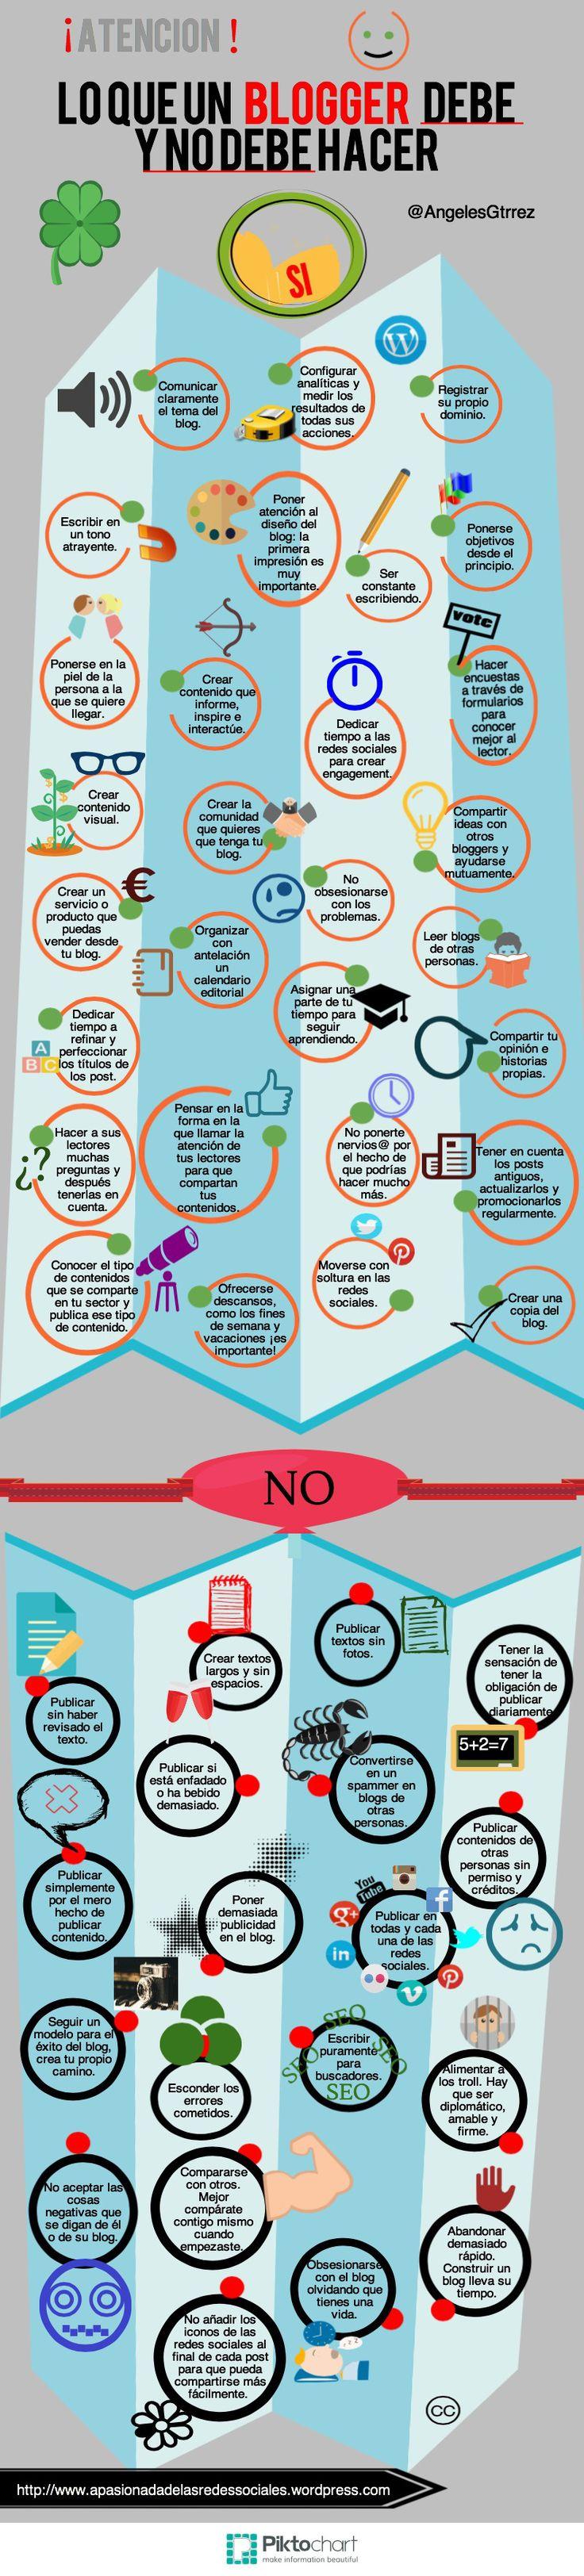 Lo que debe y NO debe hacer un blogger. Infografía en español. #CommunityManager